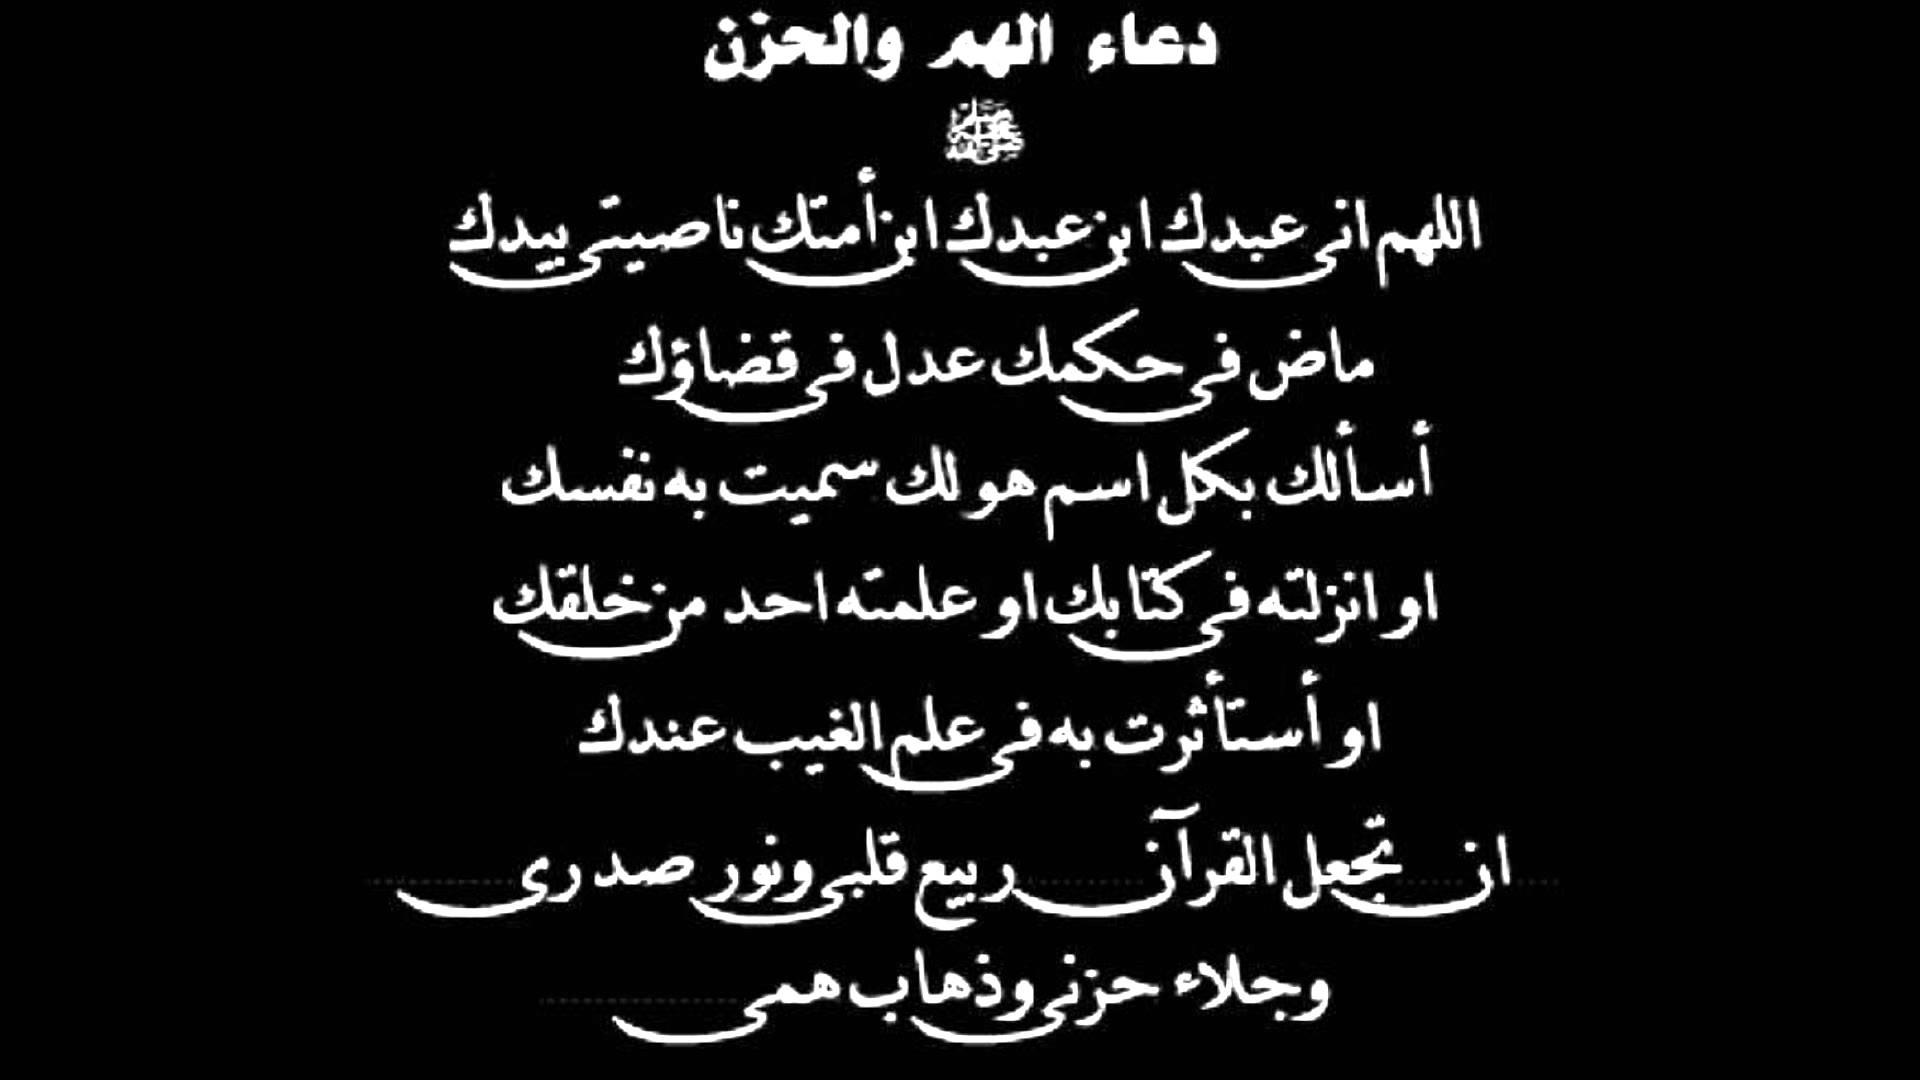 صورة دعاء الكرب والهم , اجمل ادعيه فك الكرب